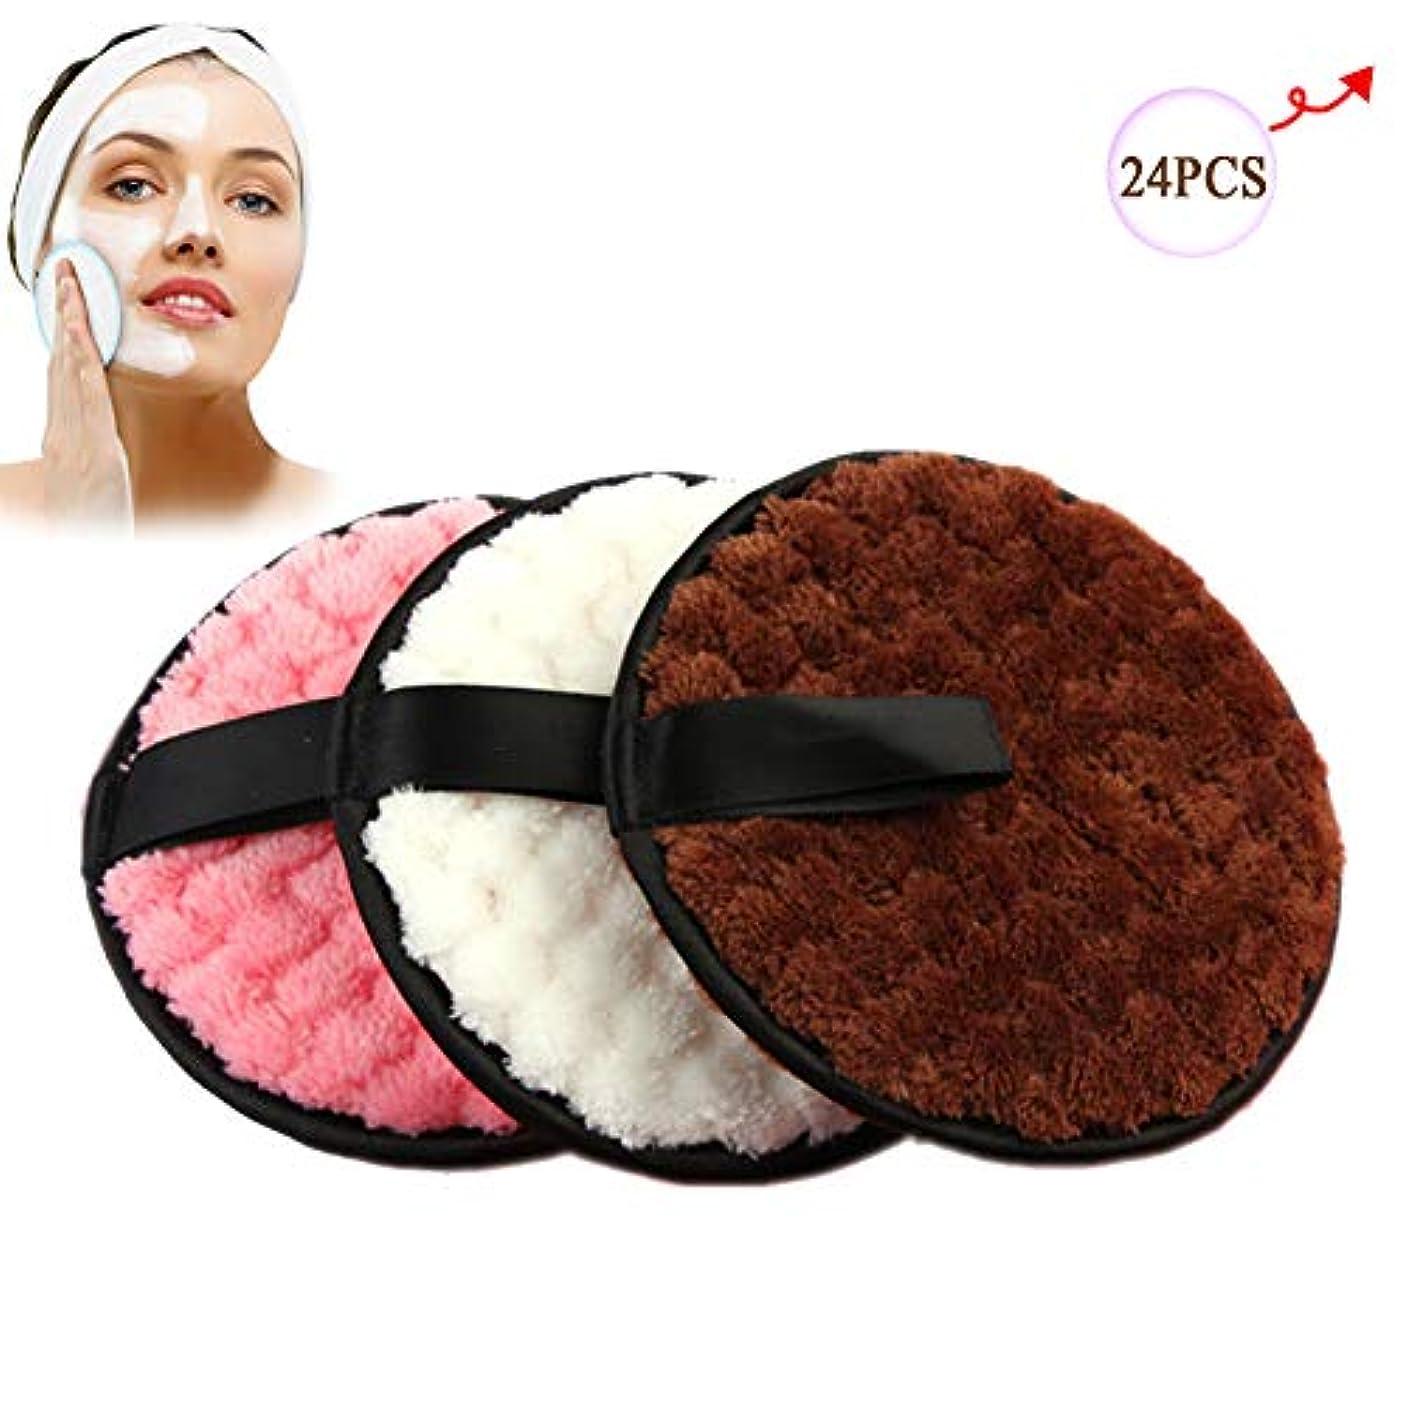 リムーバーパッド、再利用可能なクレンジングコットンファイバー吸収性綿パッド女性のための顔/目/唇,24PCS